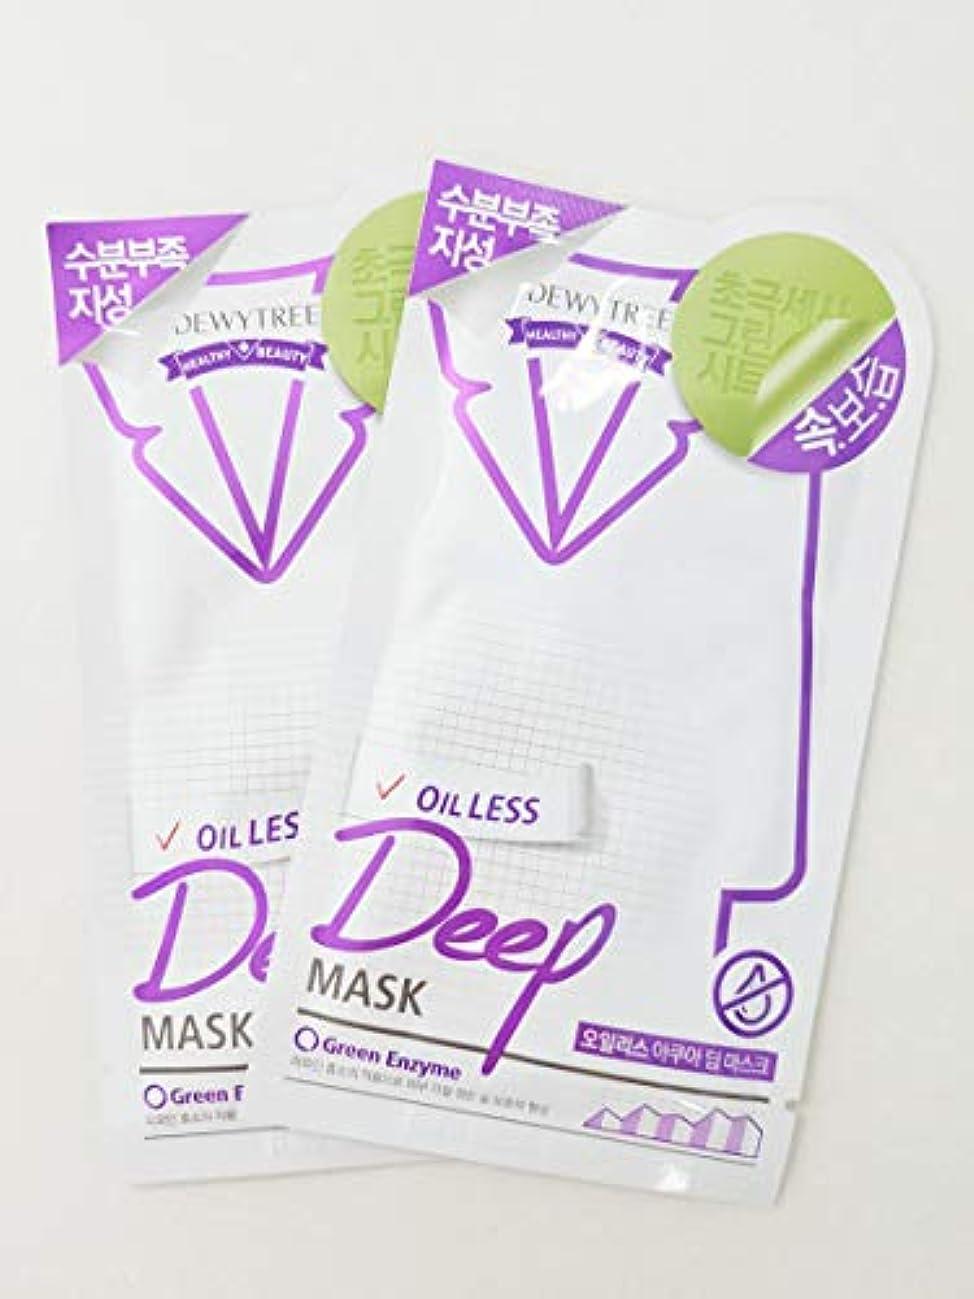 死の顎ハイキングピック(デューイトゥリー) DEWYTREE オイルレスアクアディープマスク 20枚 Oilless Aqua Dip Mask 韓国マスクパック (並行輸入品)